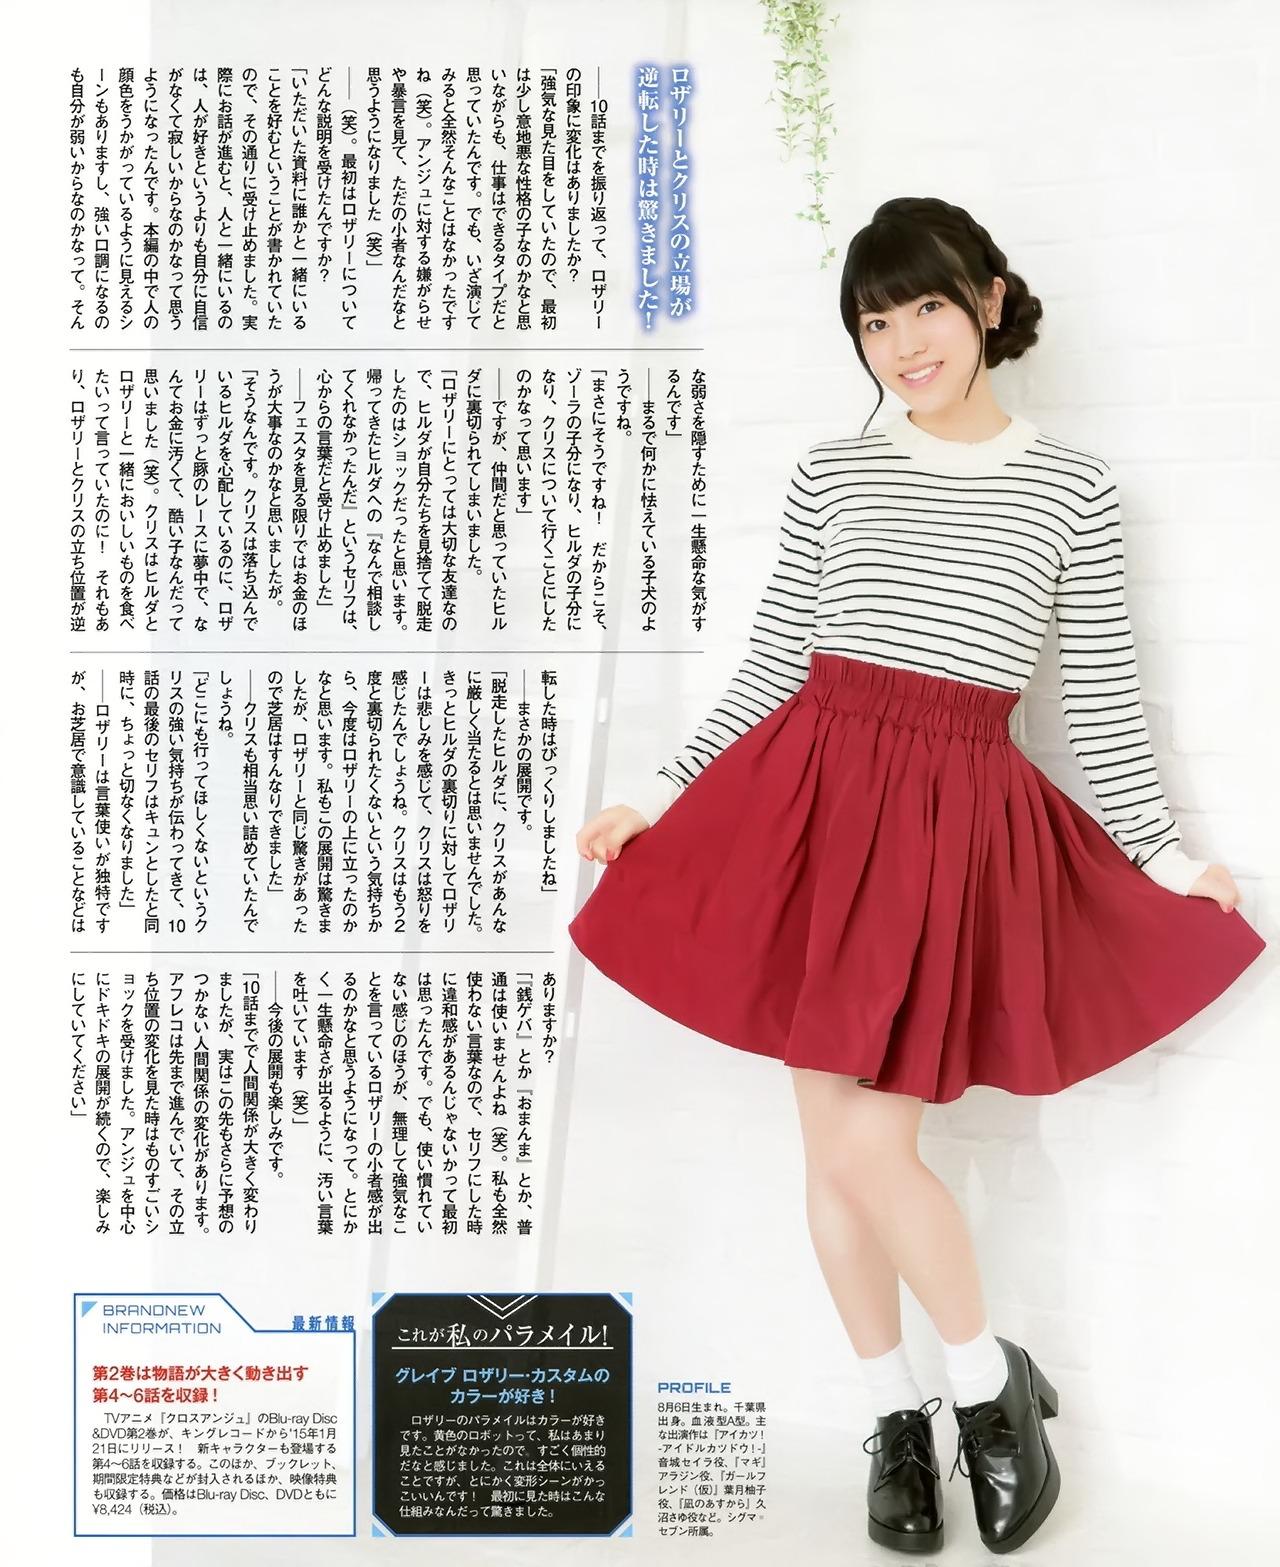 ishihara_kaori039.jpg